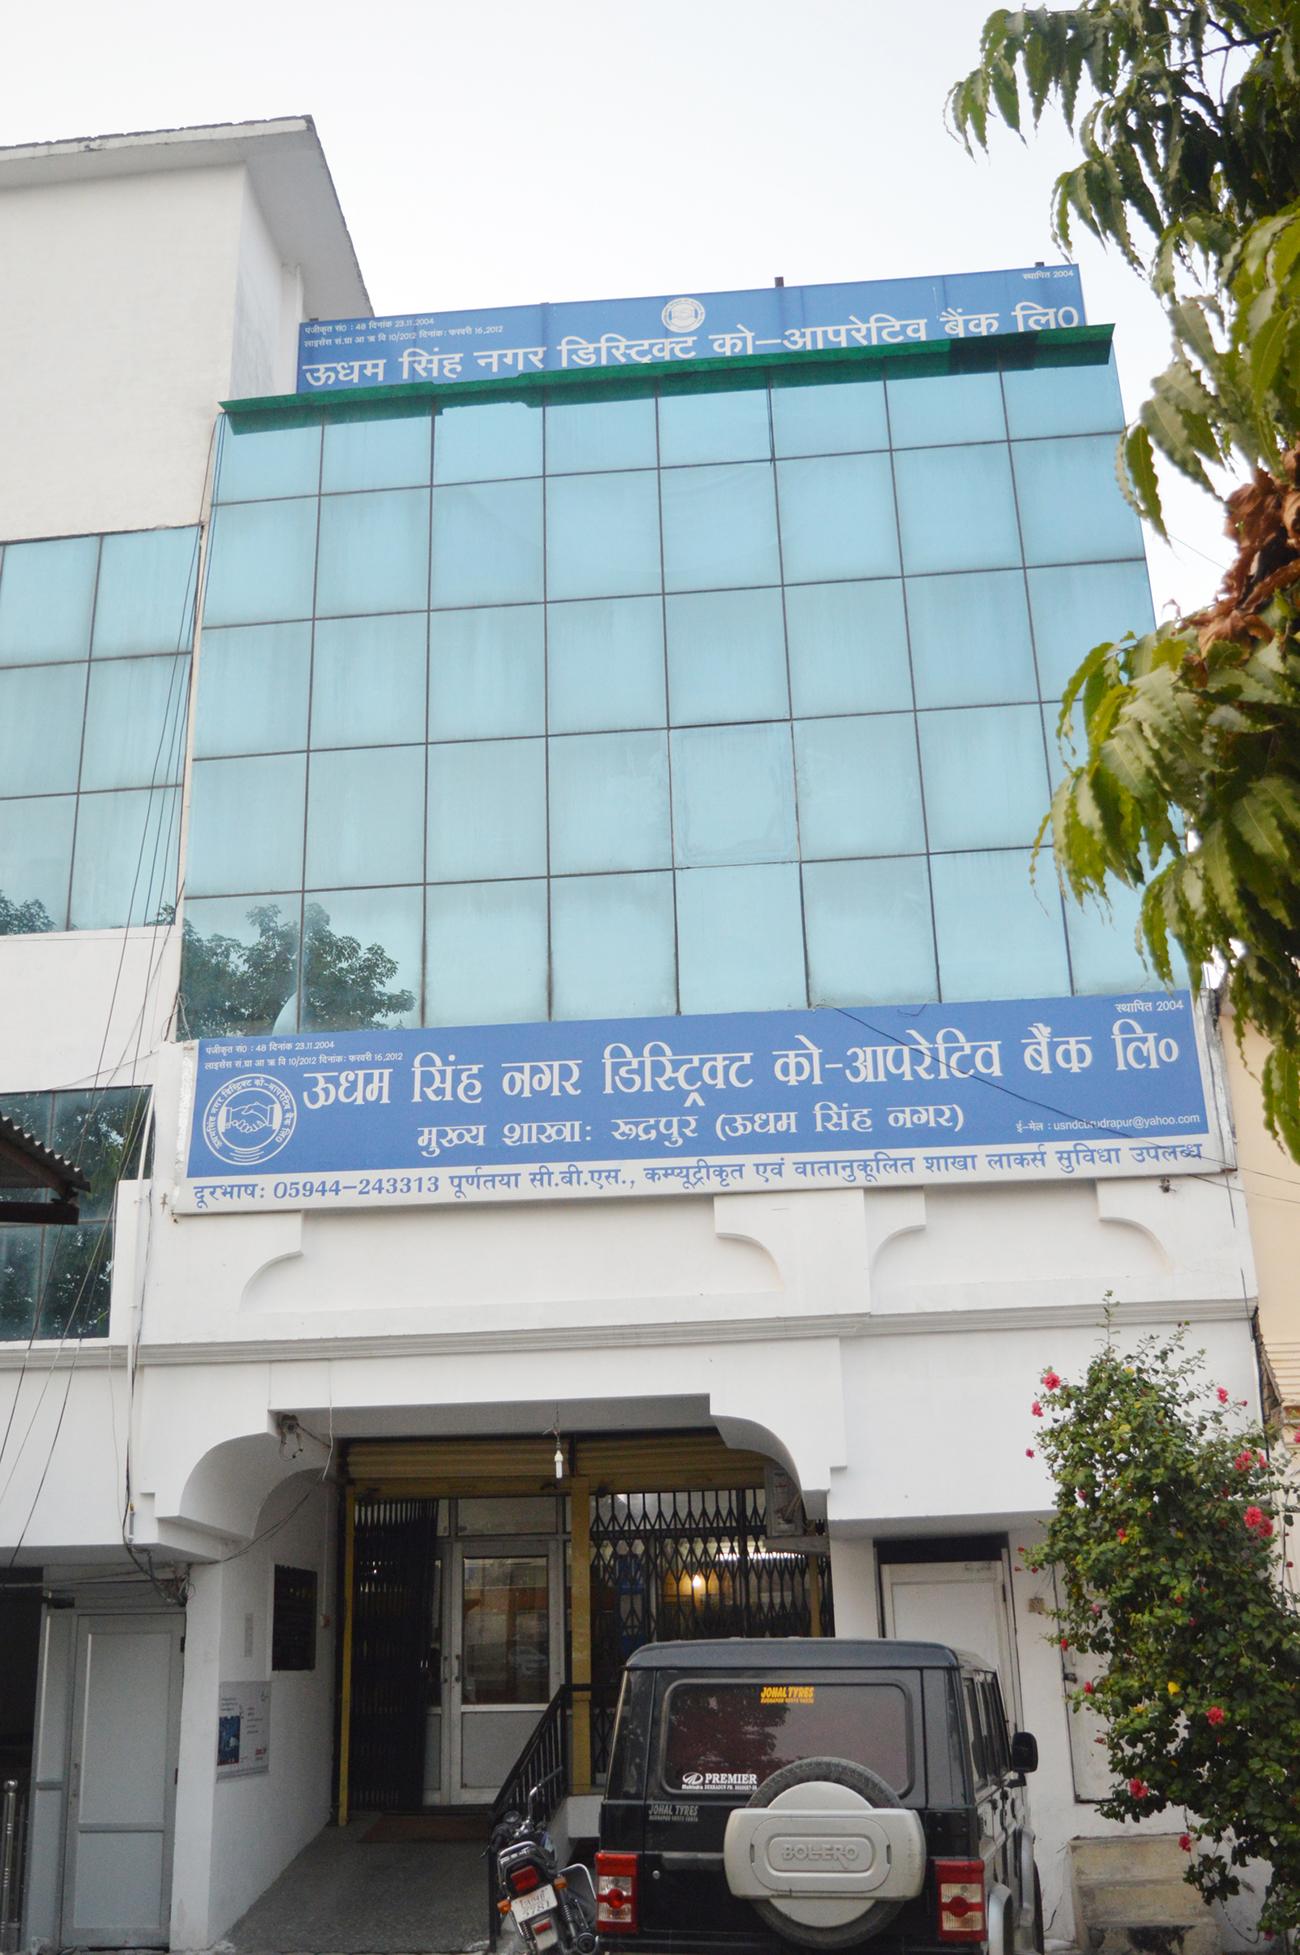 Udham Singh Nagar District coop bank